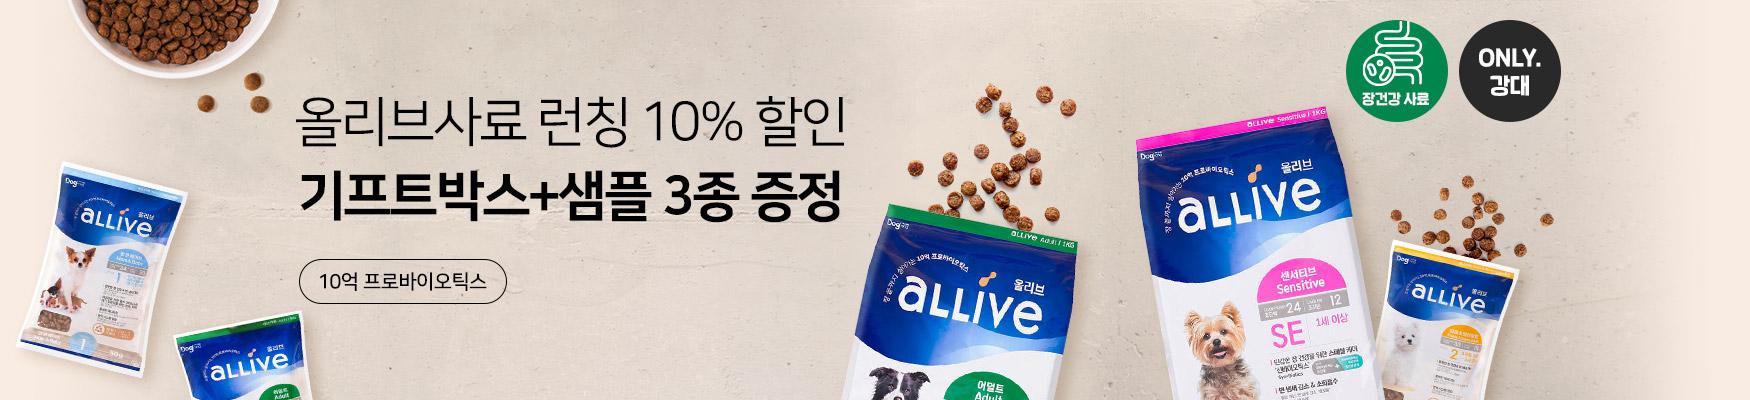 올리브사료 런칭 10%할인 + 사료샘플 증정